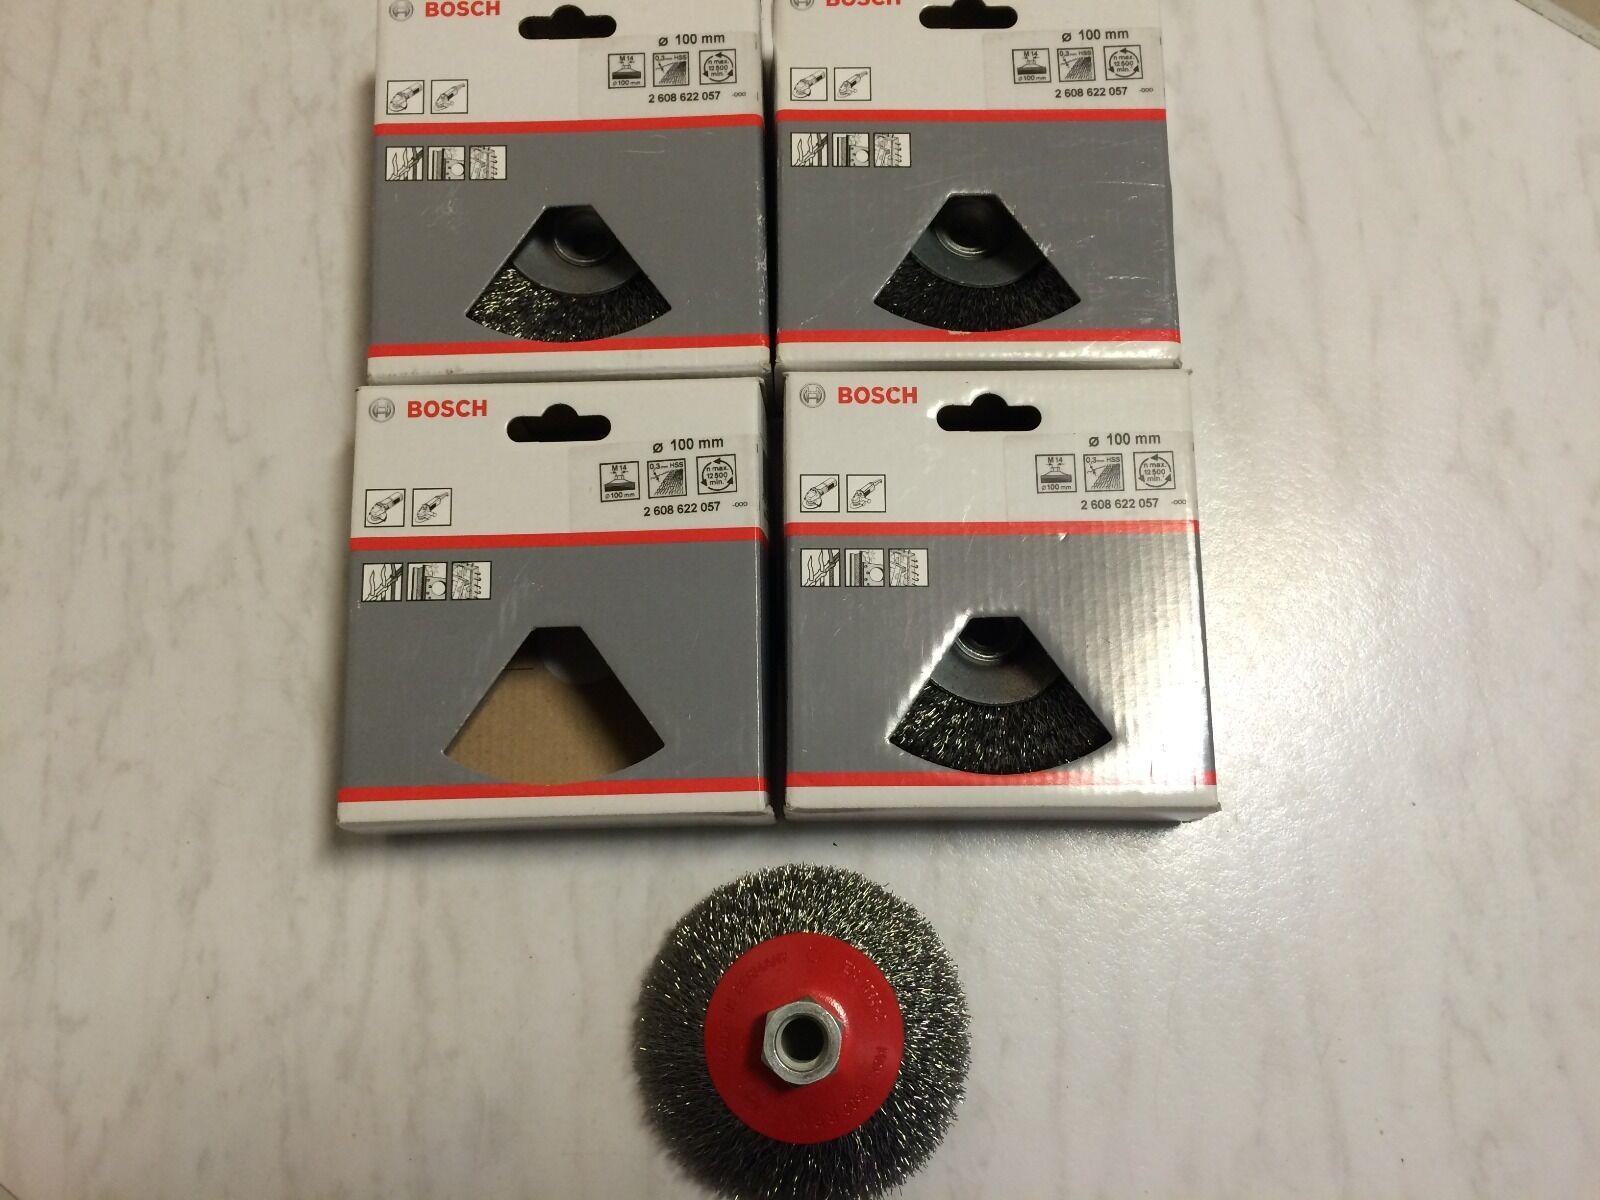 4 x BOSCH Zubehör 2608622057 Kegelbürste 100 mm, 0,3 mm, 12500 U/ min